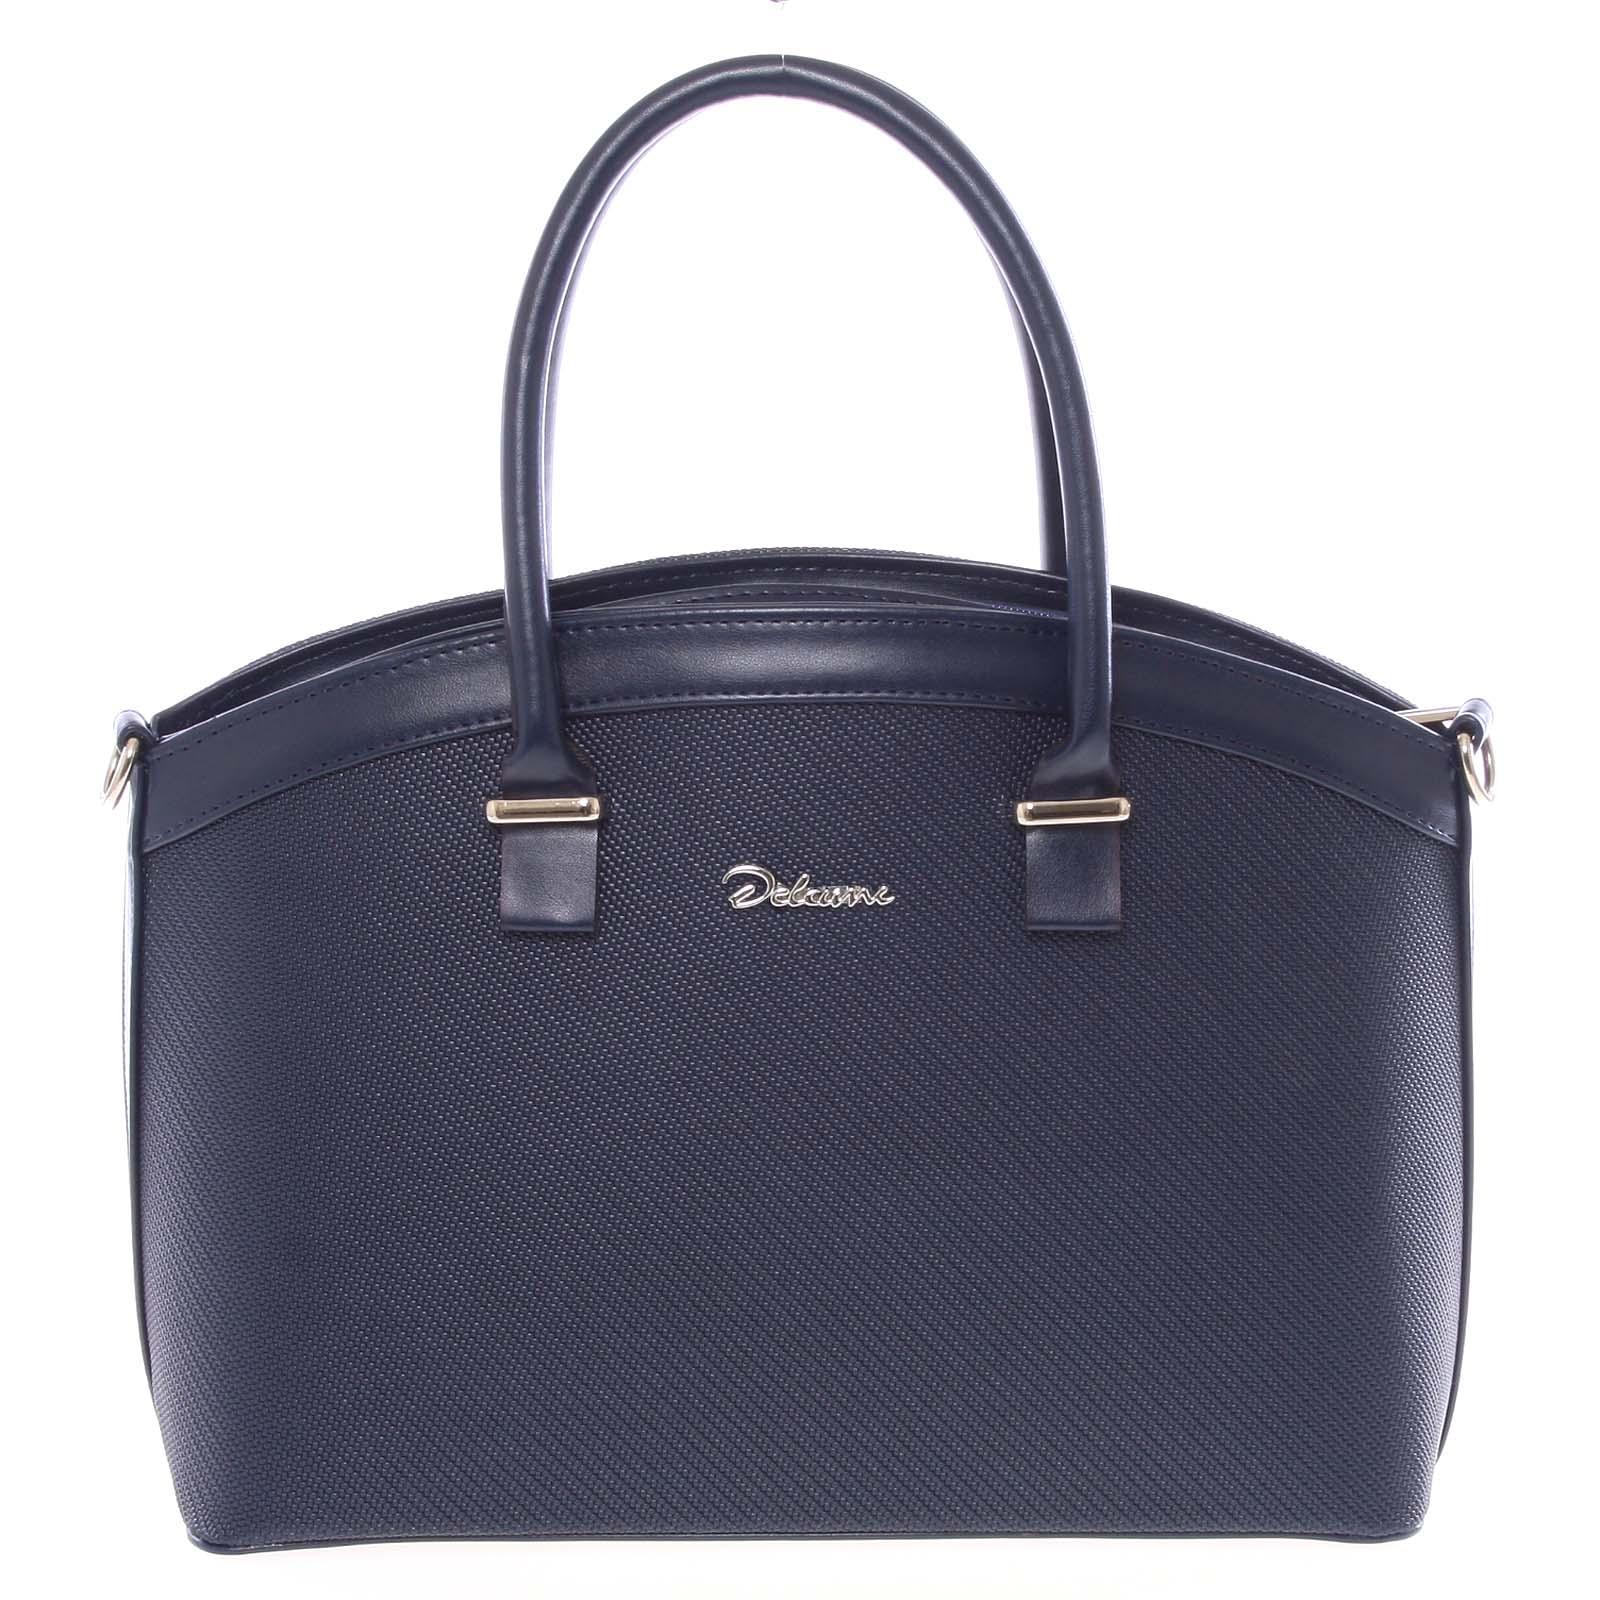 Elegantní tmavě modrá dámská kabelka do společnosti - Delami Renee